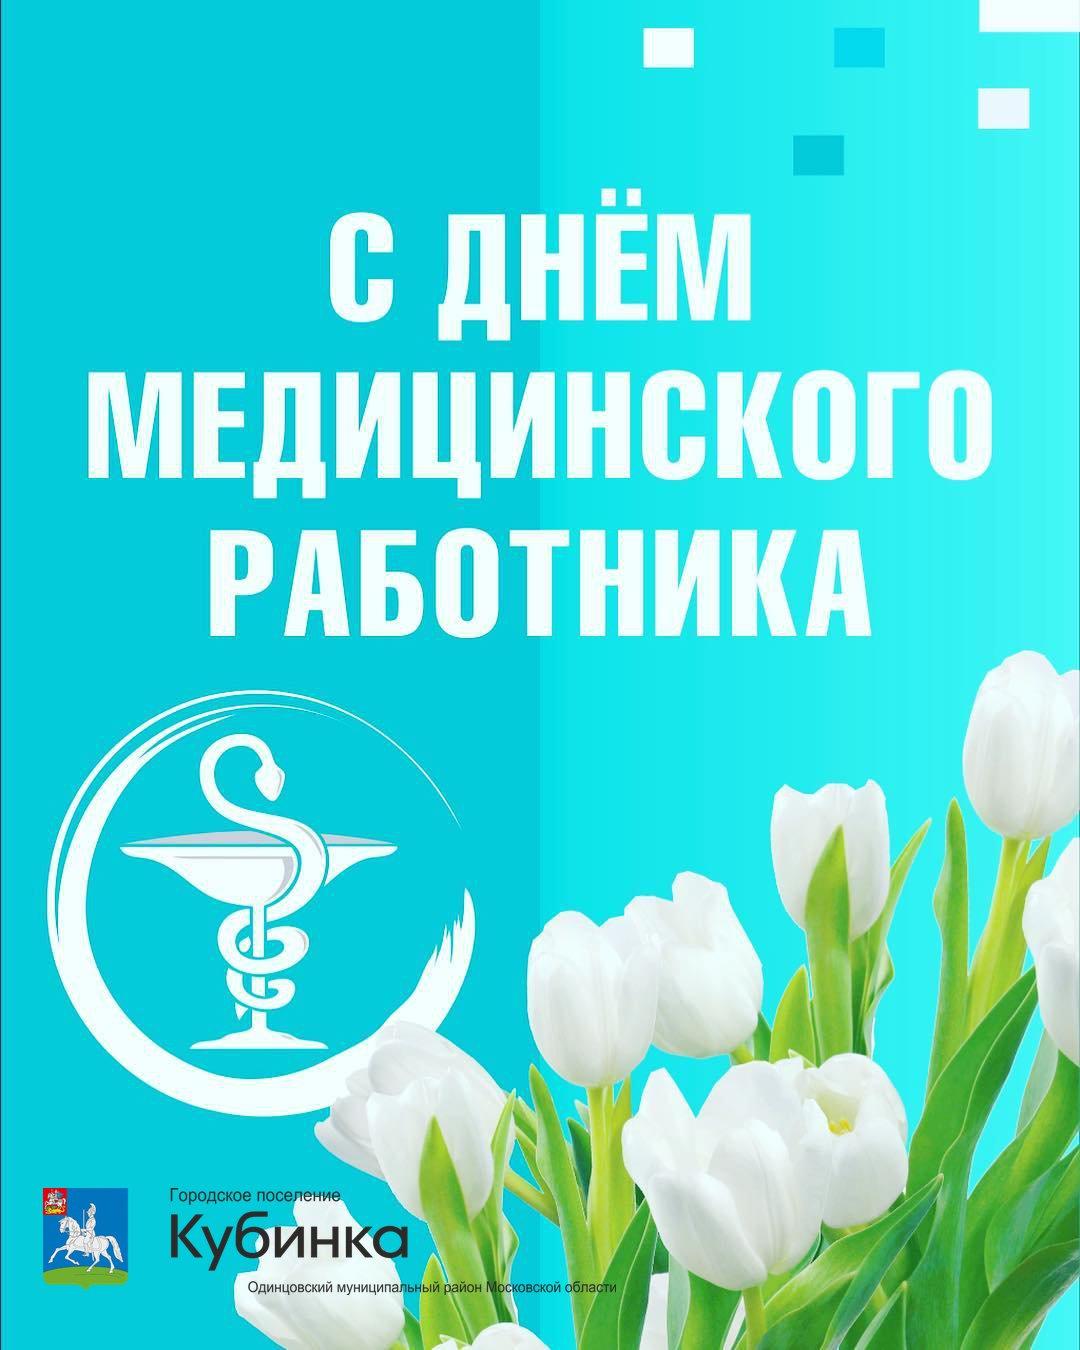 Смешной рисунок, день медицинского работника открытка 2017